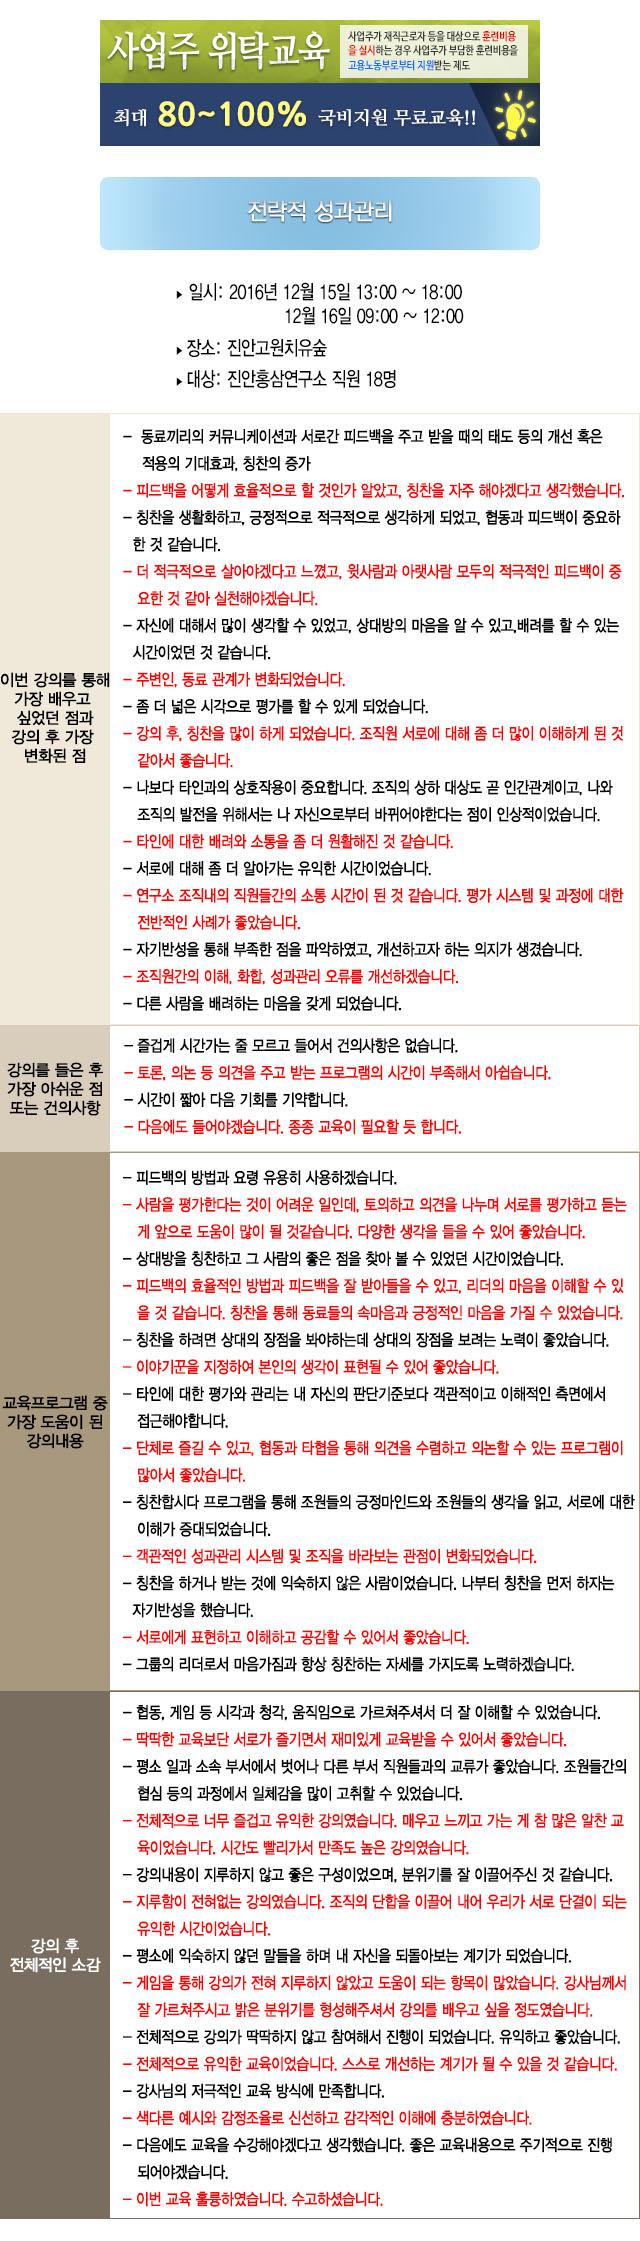 한국중앙인재개발원 후기 진안홍삼연구소.jpg